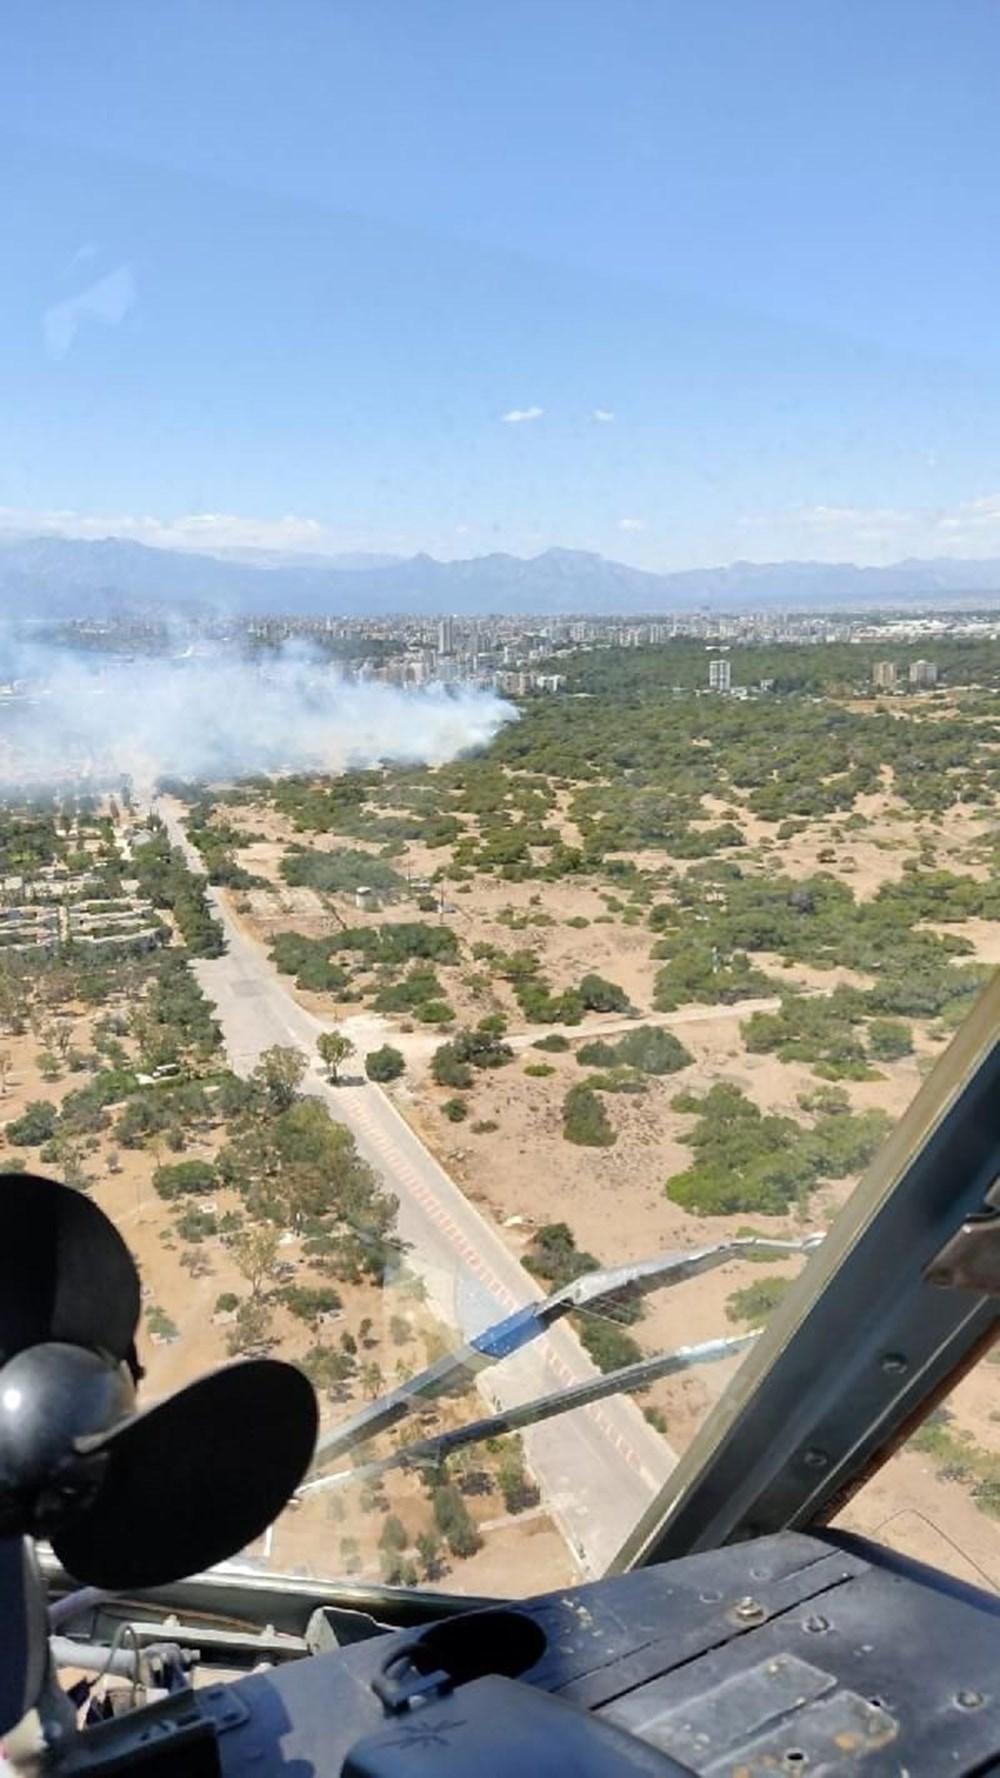 Antalya'da korkutan yangın: Kum taşıdılar - 8